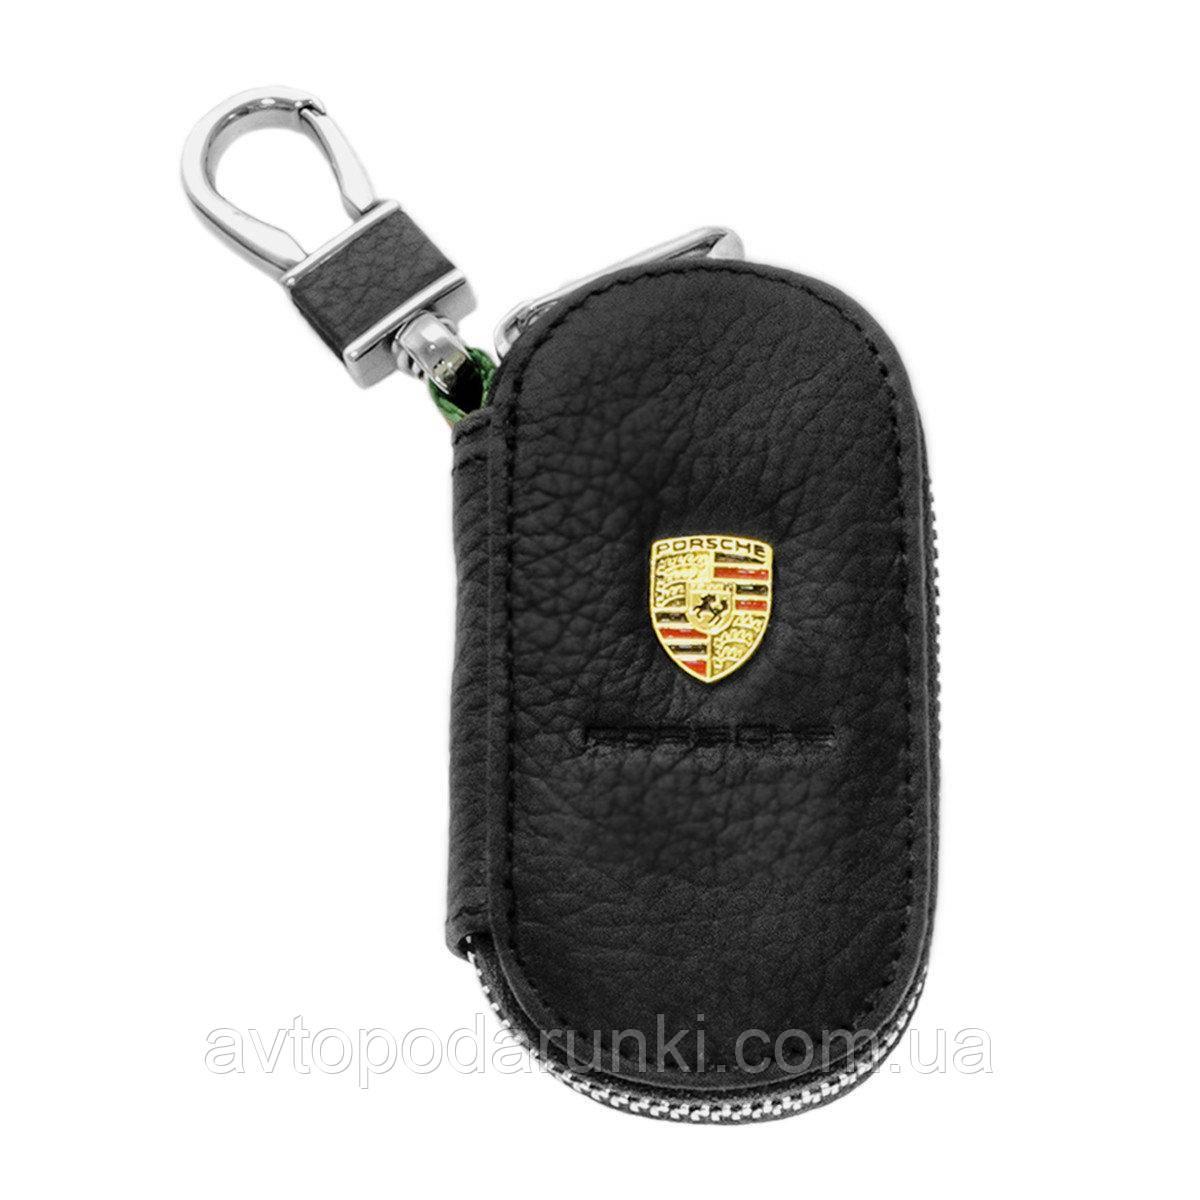 Ключница PORSCHE, кожаная автоключница с логотипом  ПОРШЕ (черная 06003)